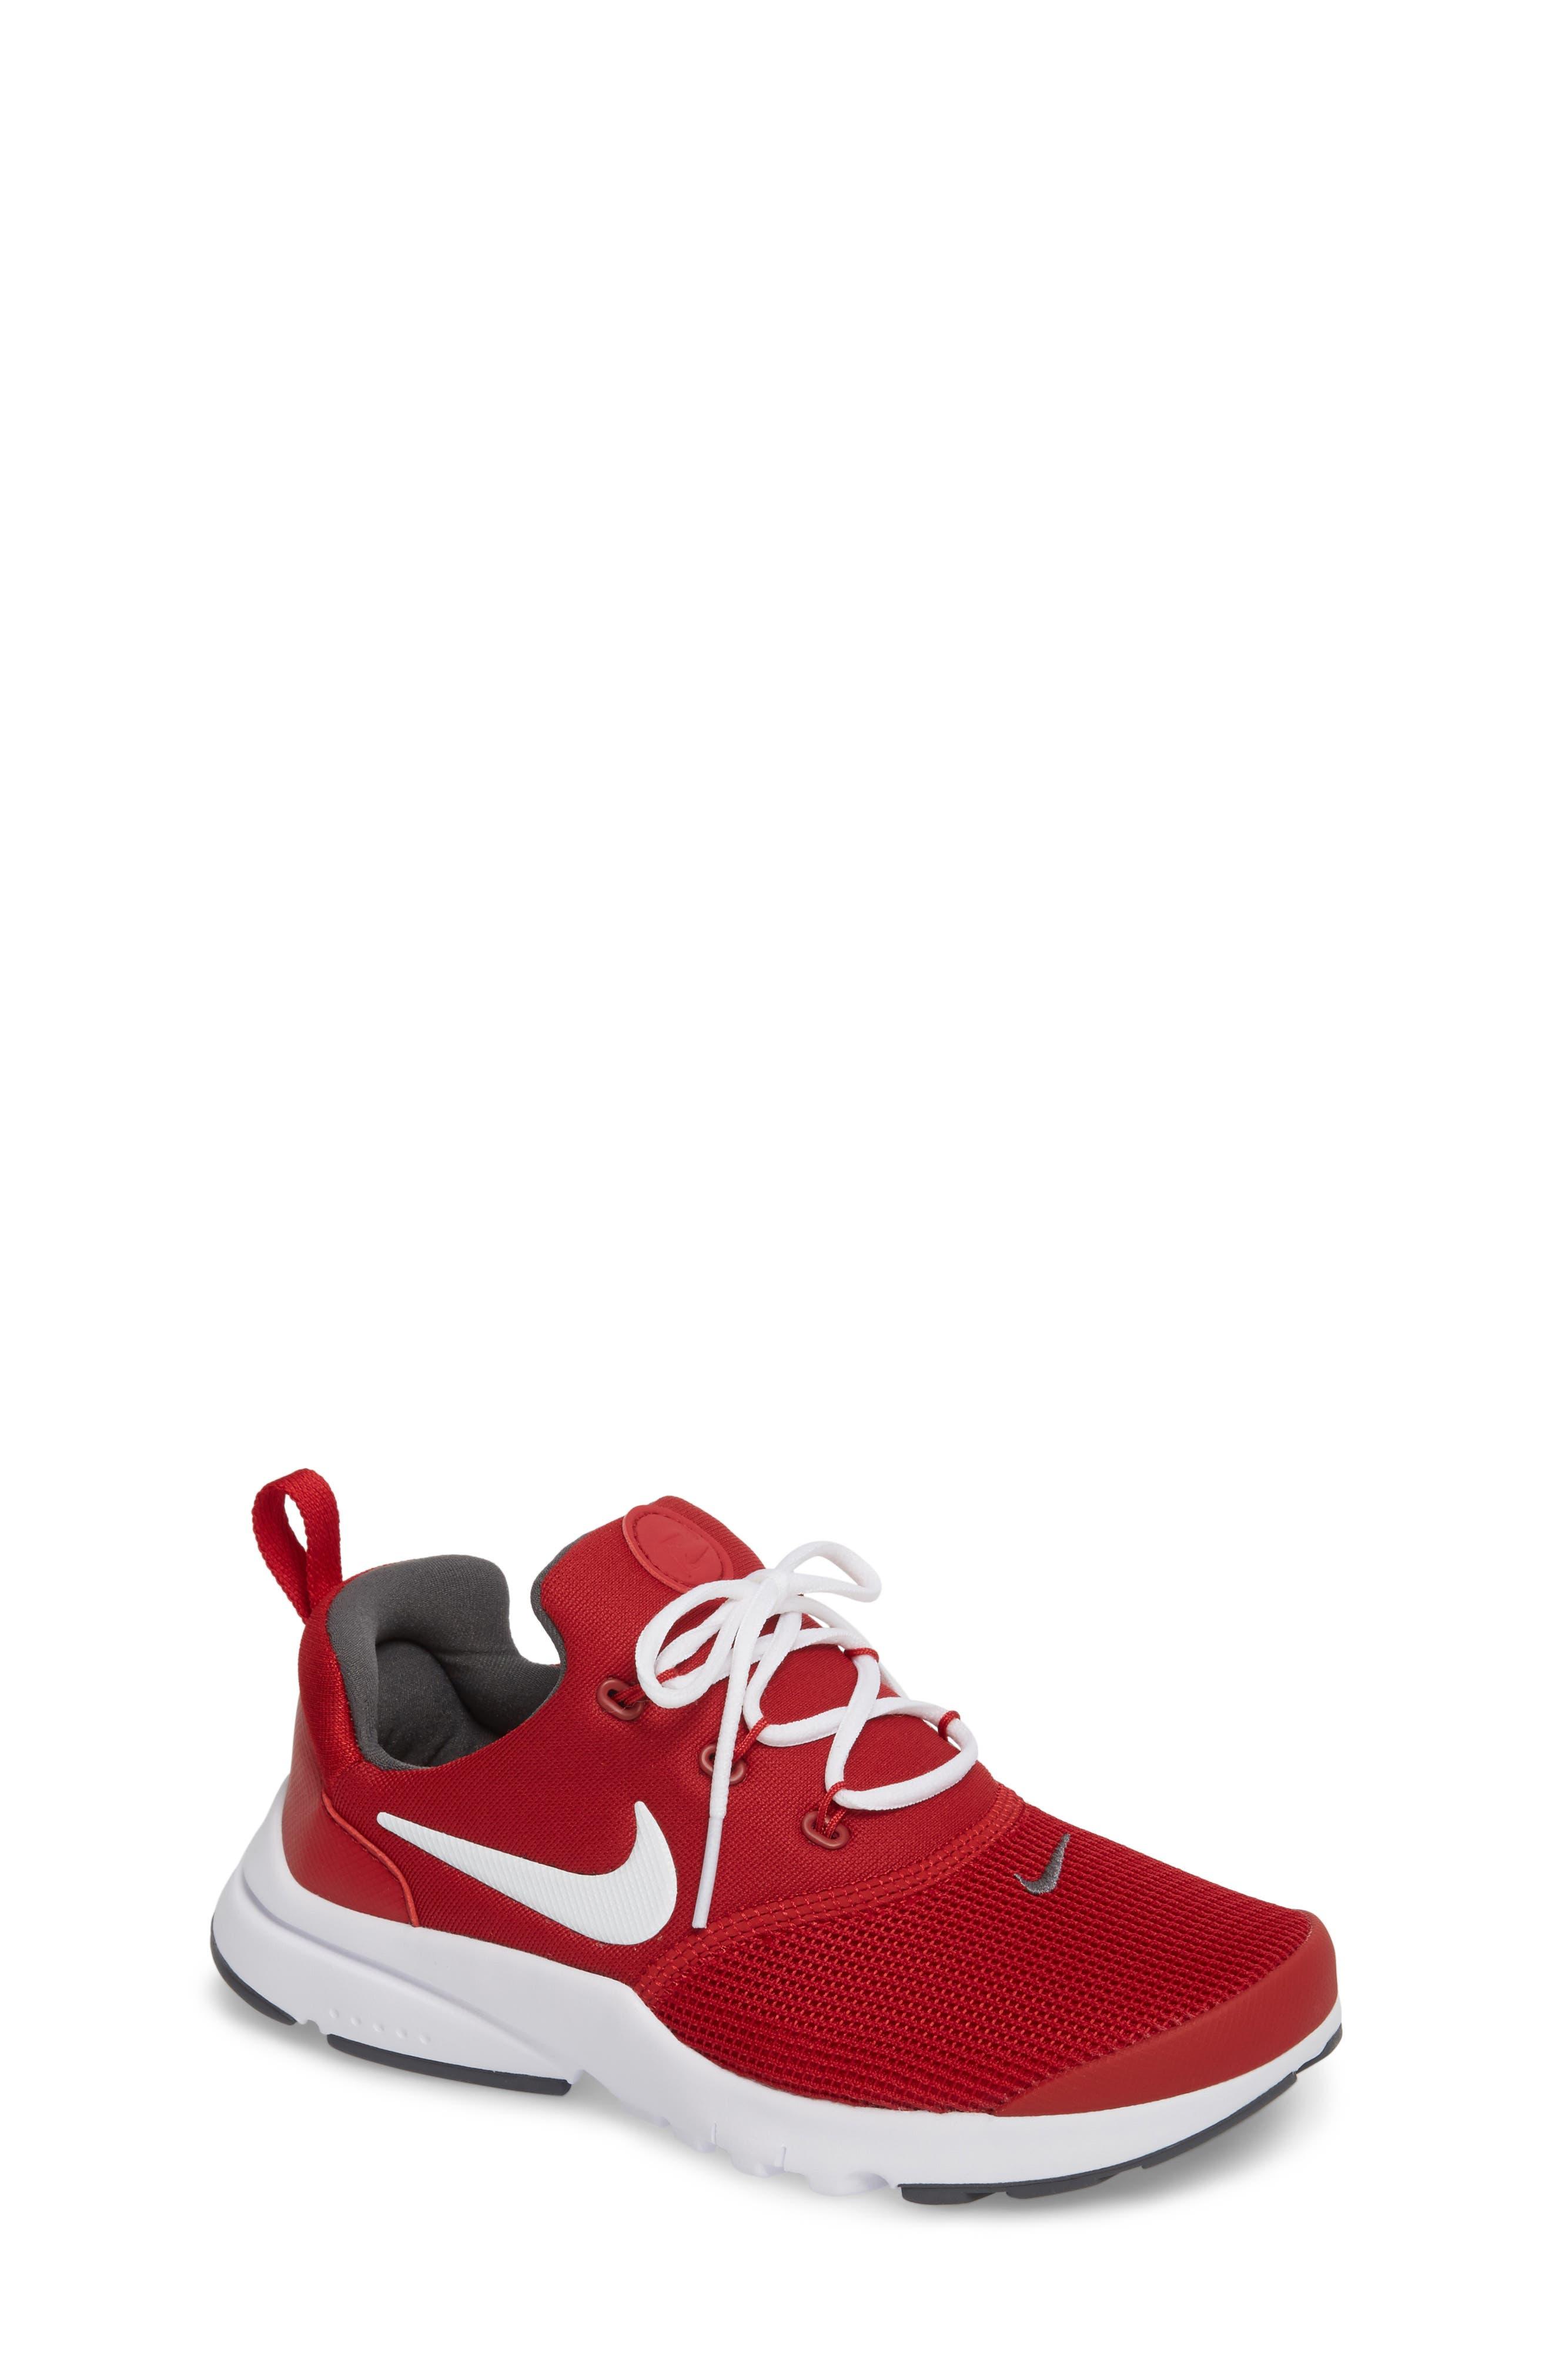 Main Image - Nike Presto Fly Sneaker (Toddler & Little ...